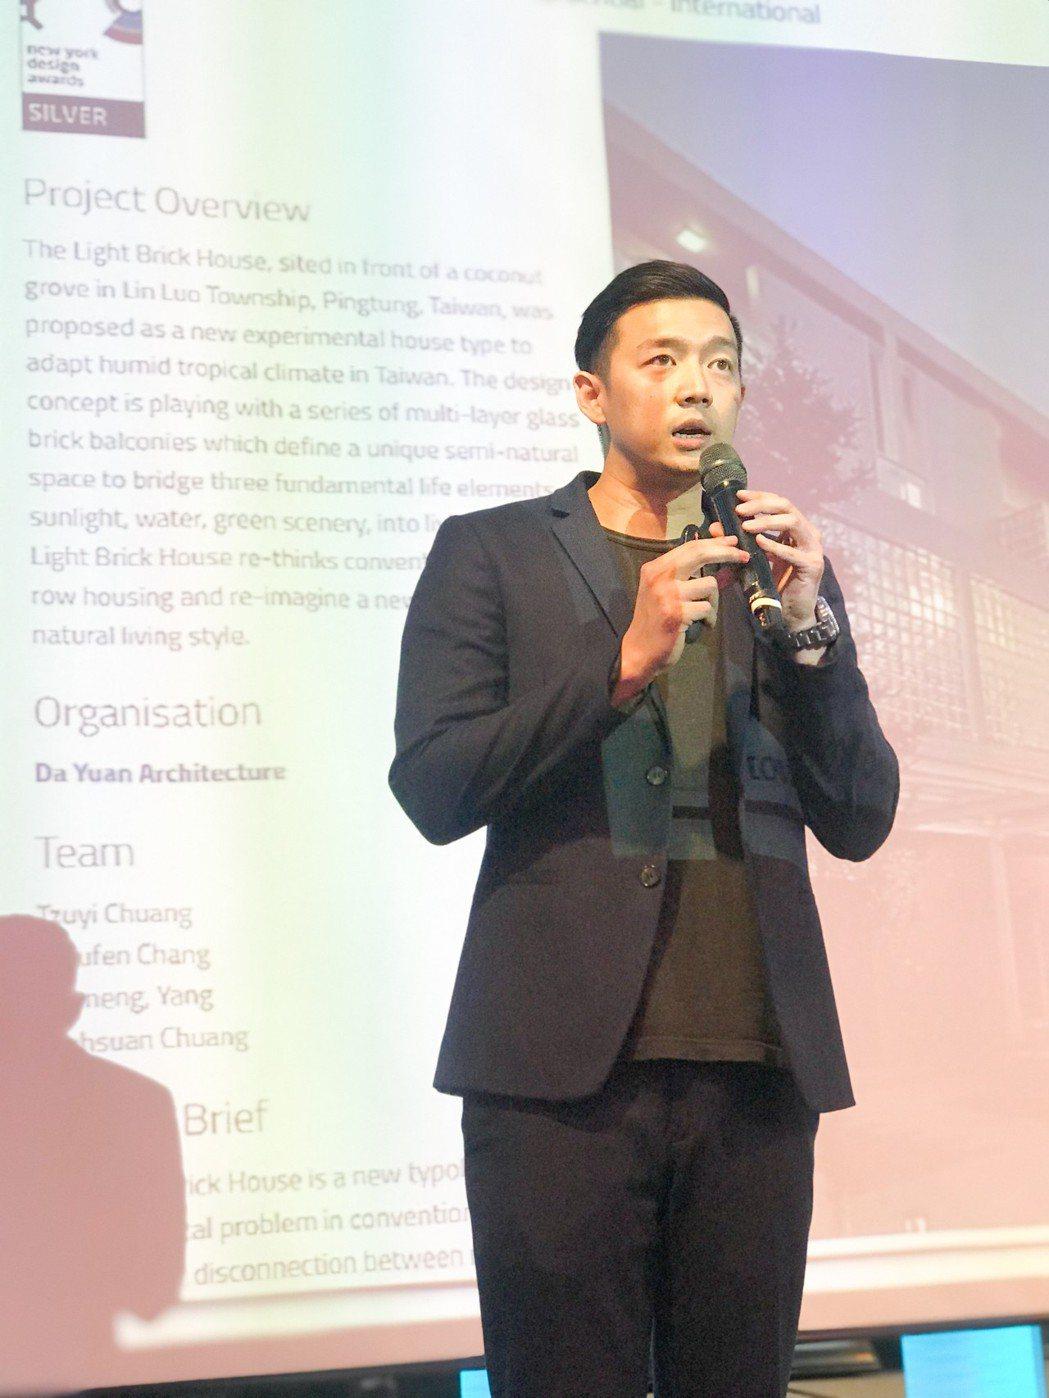 中洲建設特助黃瀚霆表示,該公司今年會推3~4個案子,總銷15億元。 攝影/張世雅